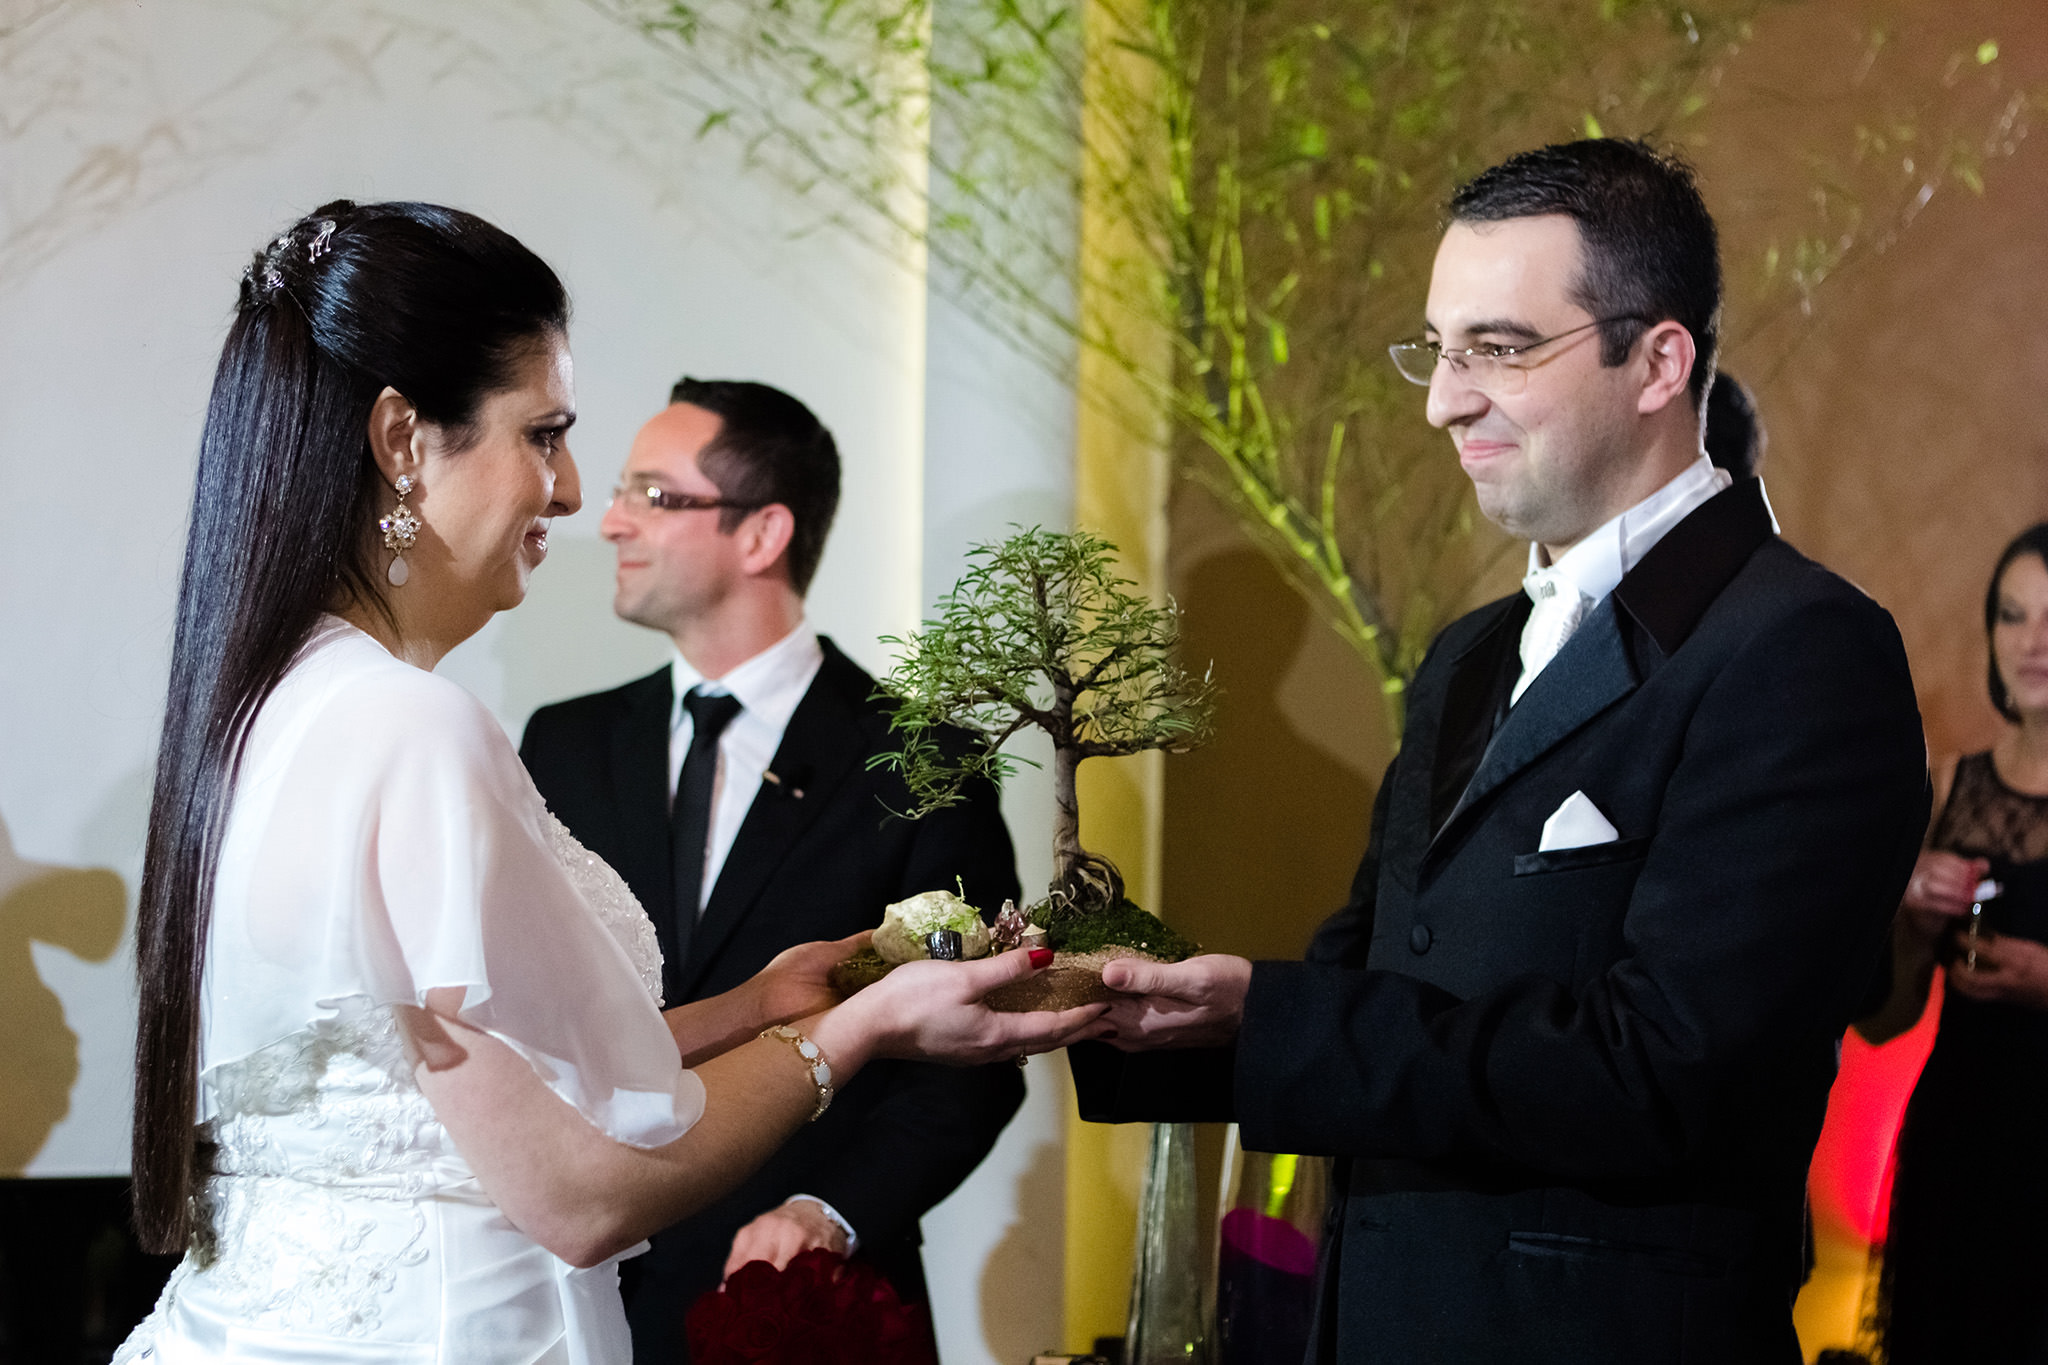 Imagem capa - Dicas Para Noivas - Cerimônias de Casamento - Parte 2 - O Celebrante, Cerimônias Personalizadas por Vinicius Vogel